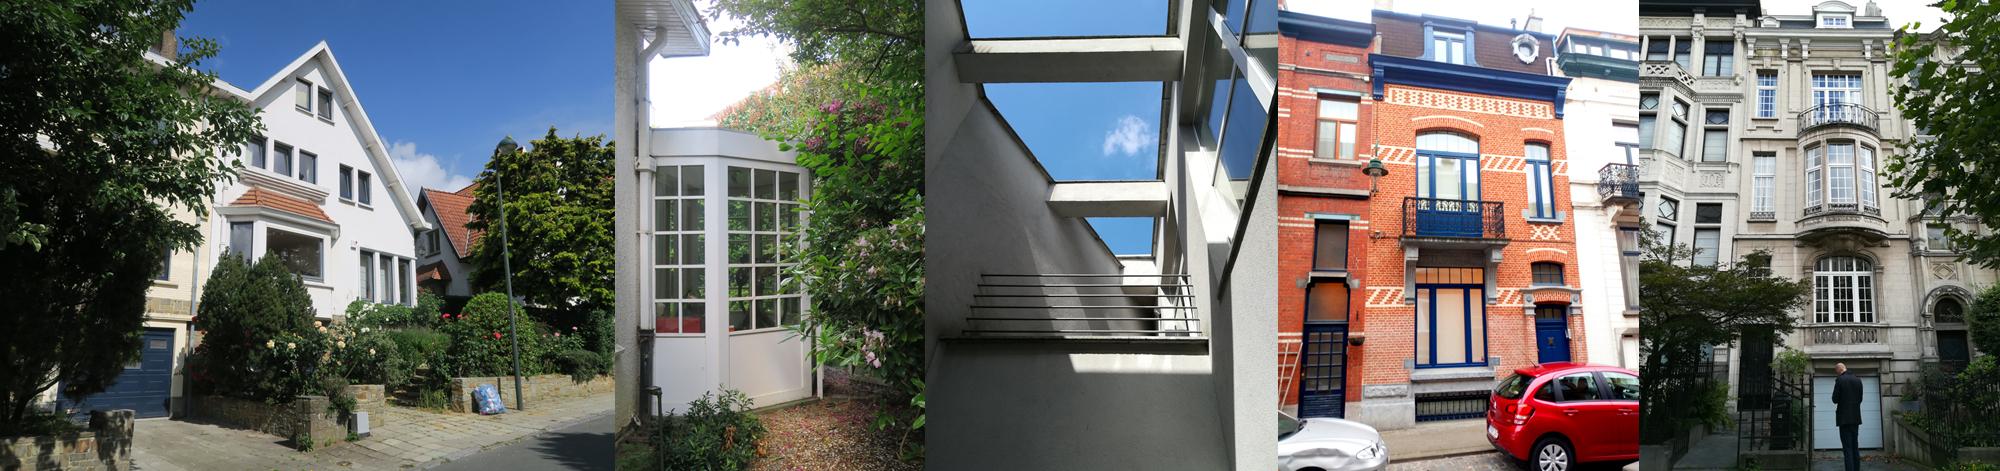 Architecte Uccle maison permis d'urbanisme